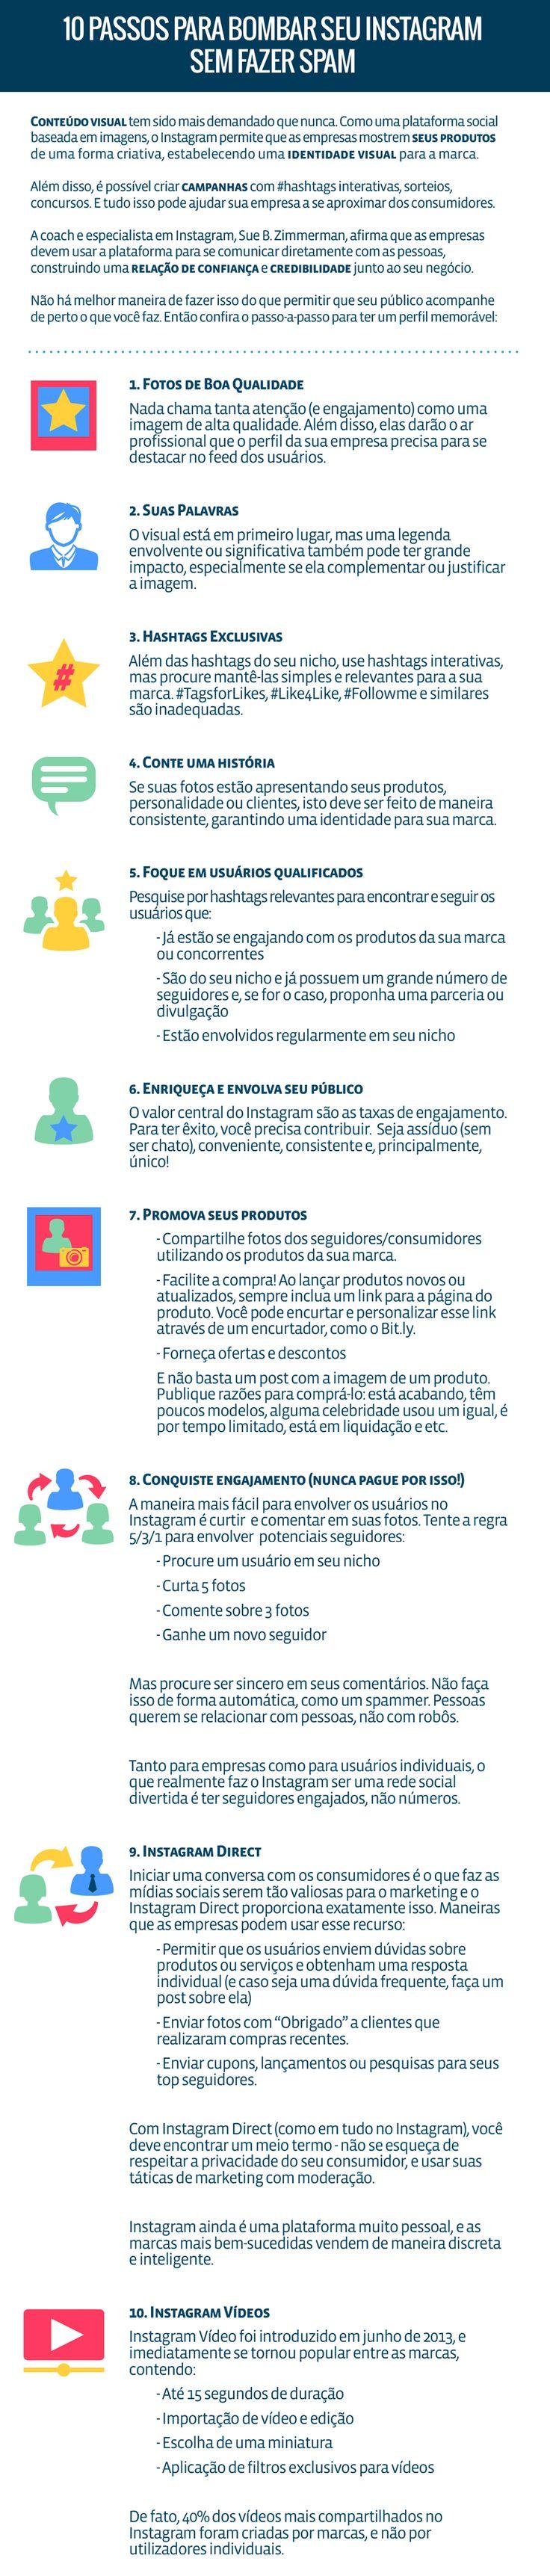 instagram-marketing-dicas                                                                                                                                                                                 Mais